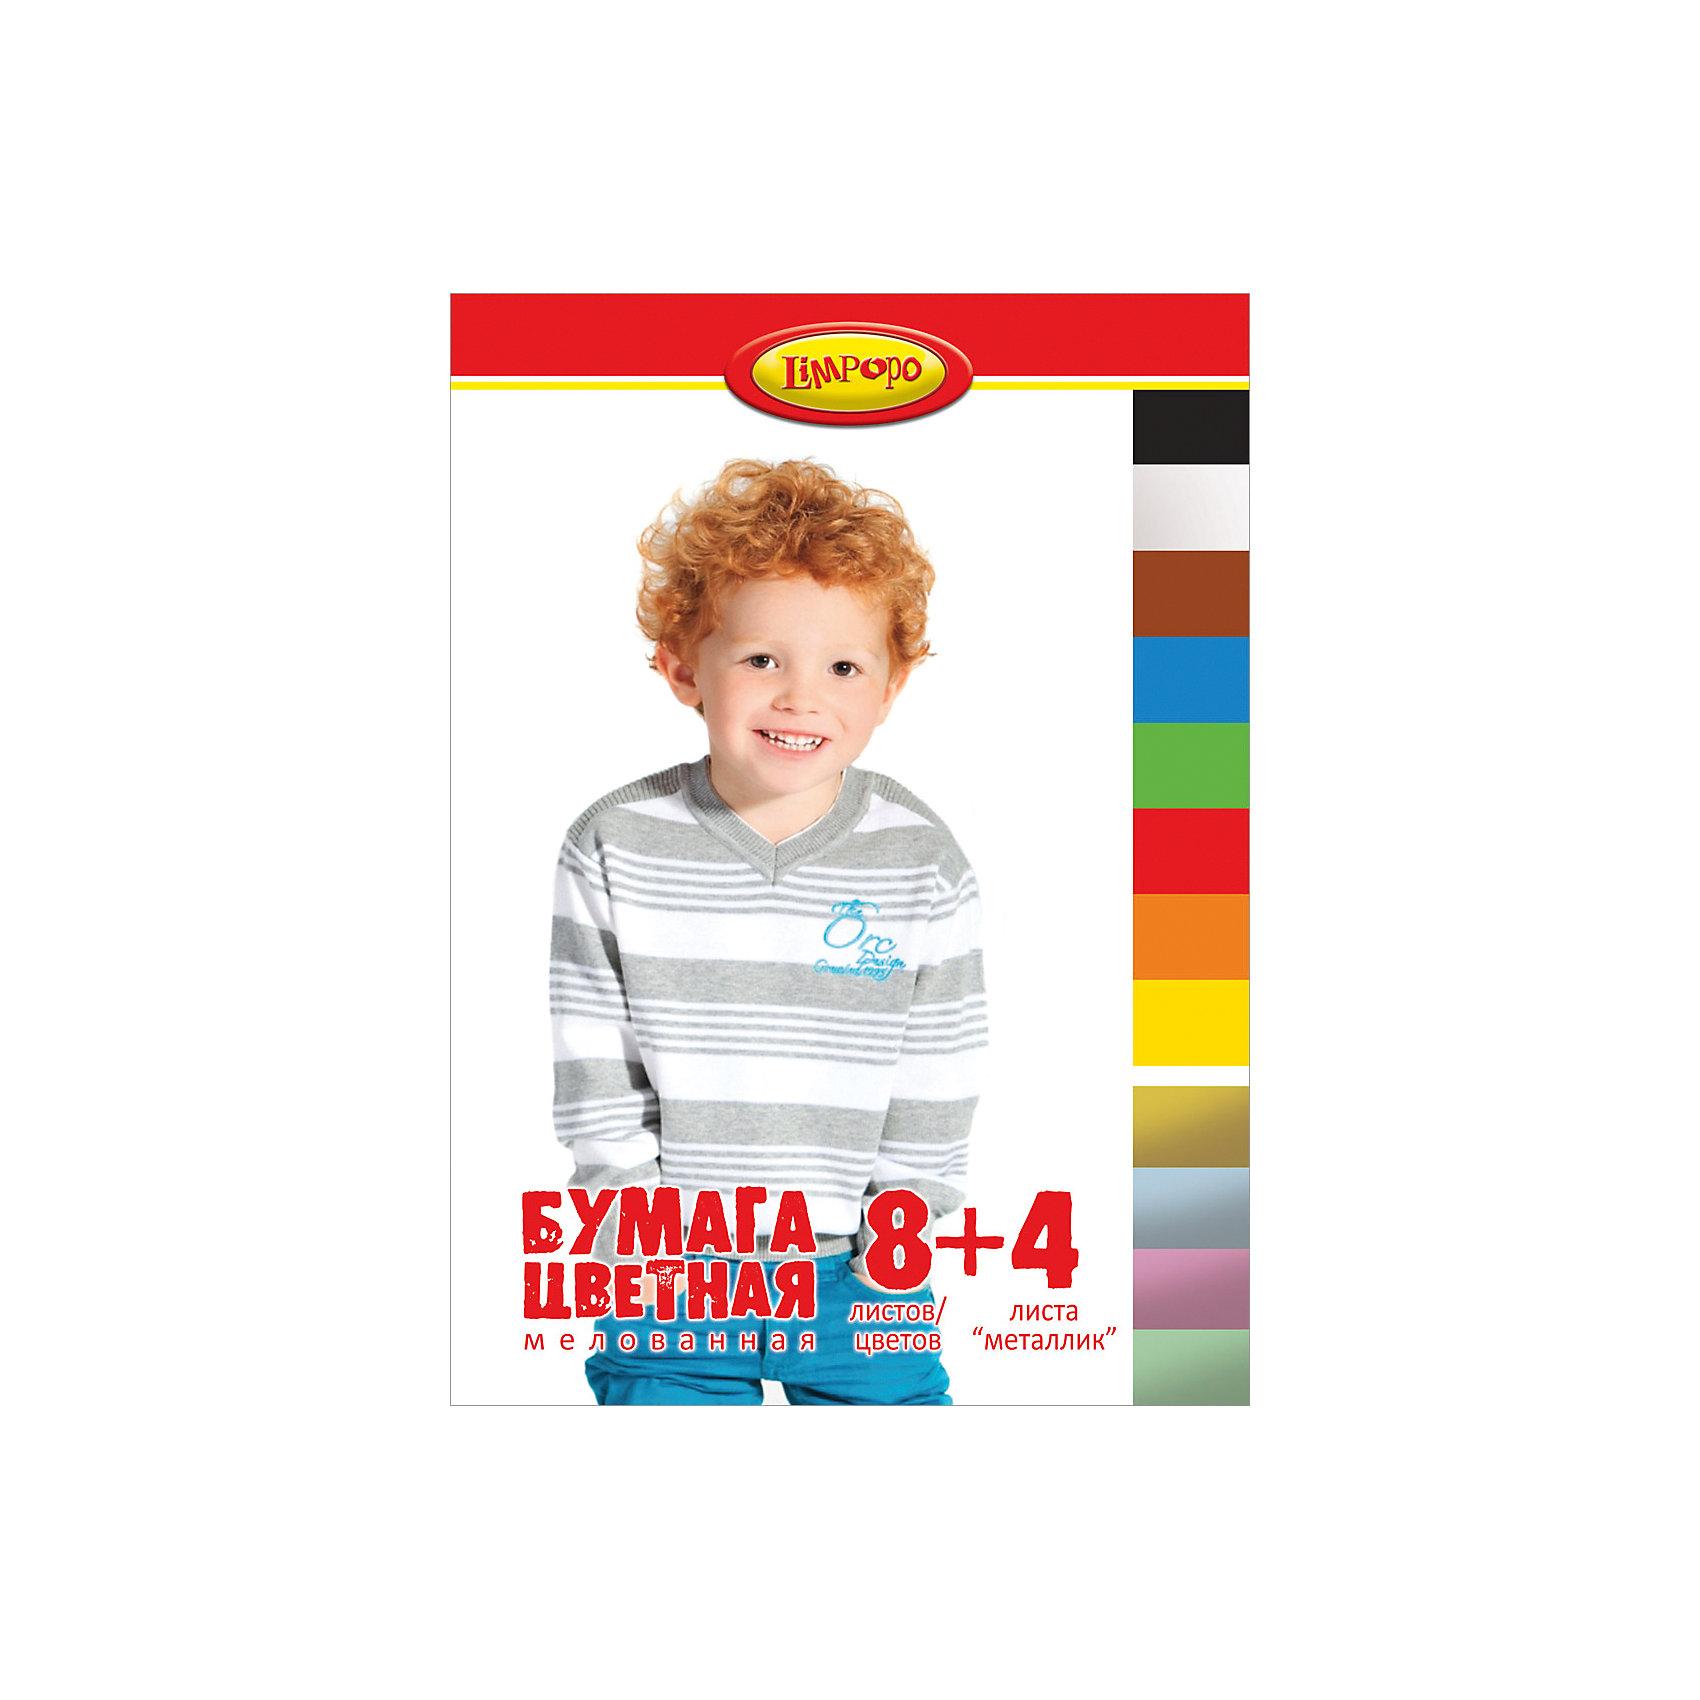 Цветная бумага Дети, 12 листовБумажная продукция<br>Цветная бумага Дети, 12 листов<br><br>Характеристики:<br><br>• Количество цветов: 8 стандартных, 4 металлизированных<br>• Количество листов: 12<br>• Формат: А4<br>• Тип крепления: на скрепке<br>• Мелованная<br><br>Набор включает в себя 8 стандартных цветов и 4 металлизированных оттенка для разнообразия поделок. Качественная мелованная бумага поможет ребенку сделать множество поделок, аппликаций или цветных оригами. Крепление на скрепке очень удобное. Оно предотвращает выпадение бумаги и с него удобно снимать листы на уроках.<br><br>Цветная бумага Дети, 12 листов можно купить в нашем интернет-магазине.<br><br>Ширина мм: 290<br>Глубина мм: 3<br>Высота мм: 205<br>Вес г: 72<br>Возраст от месяцев: 48<br>Возраст до месяцев: 144<br>Пол: Унисекс<br>Возраст: Детский<br>SKU: 5390344